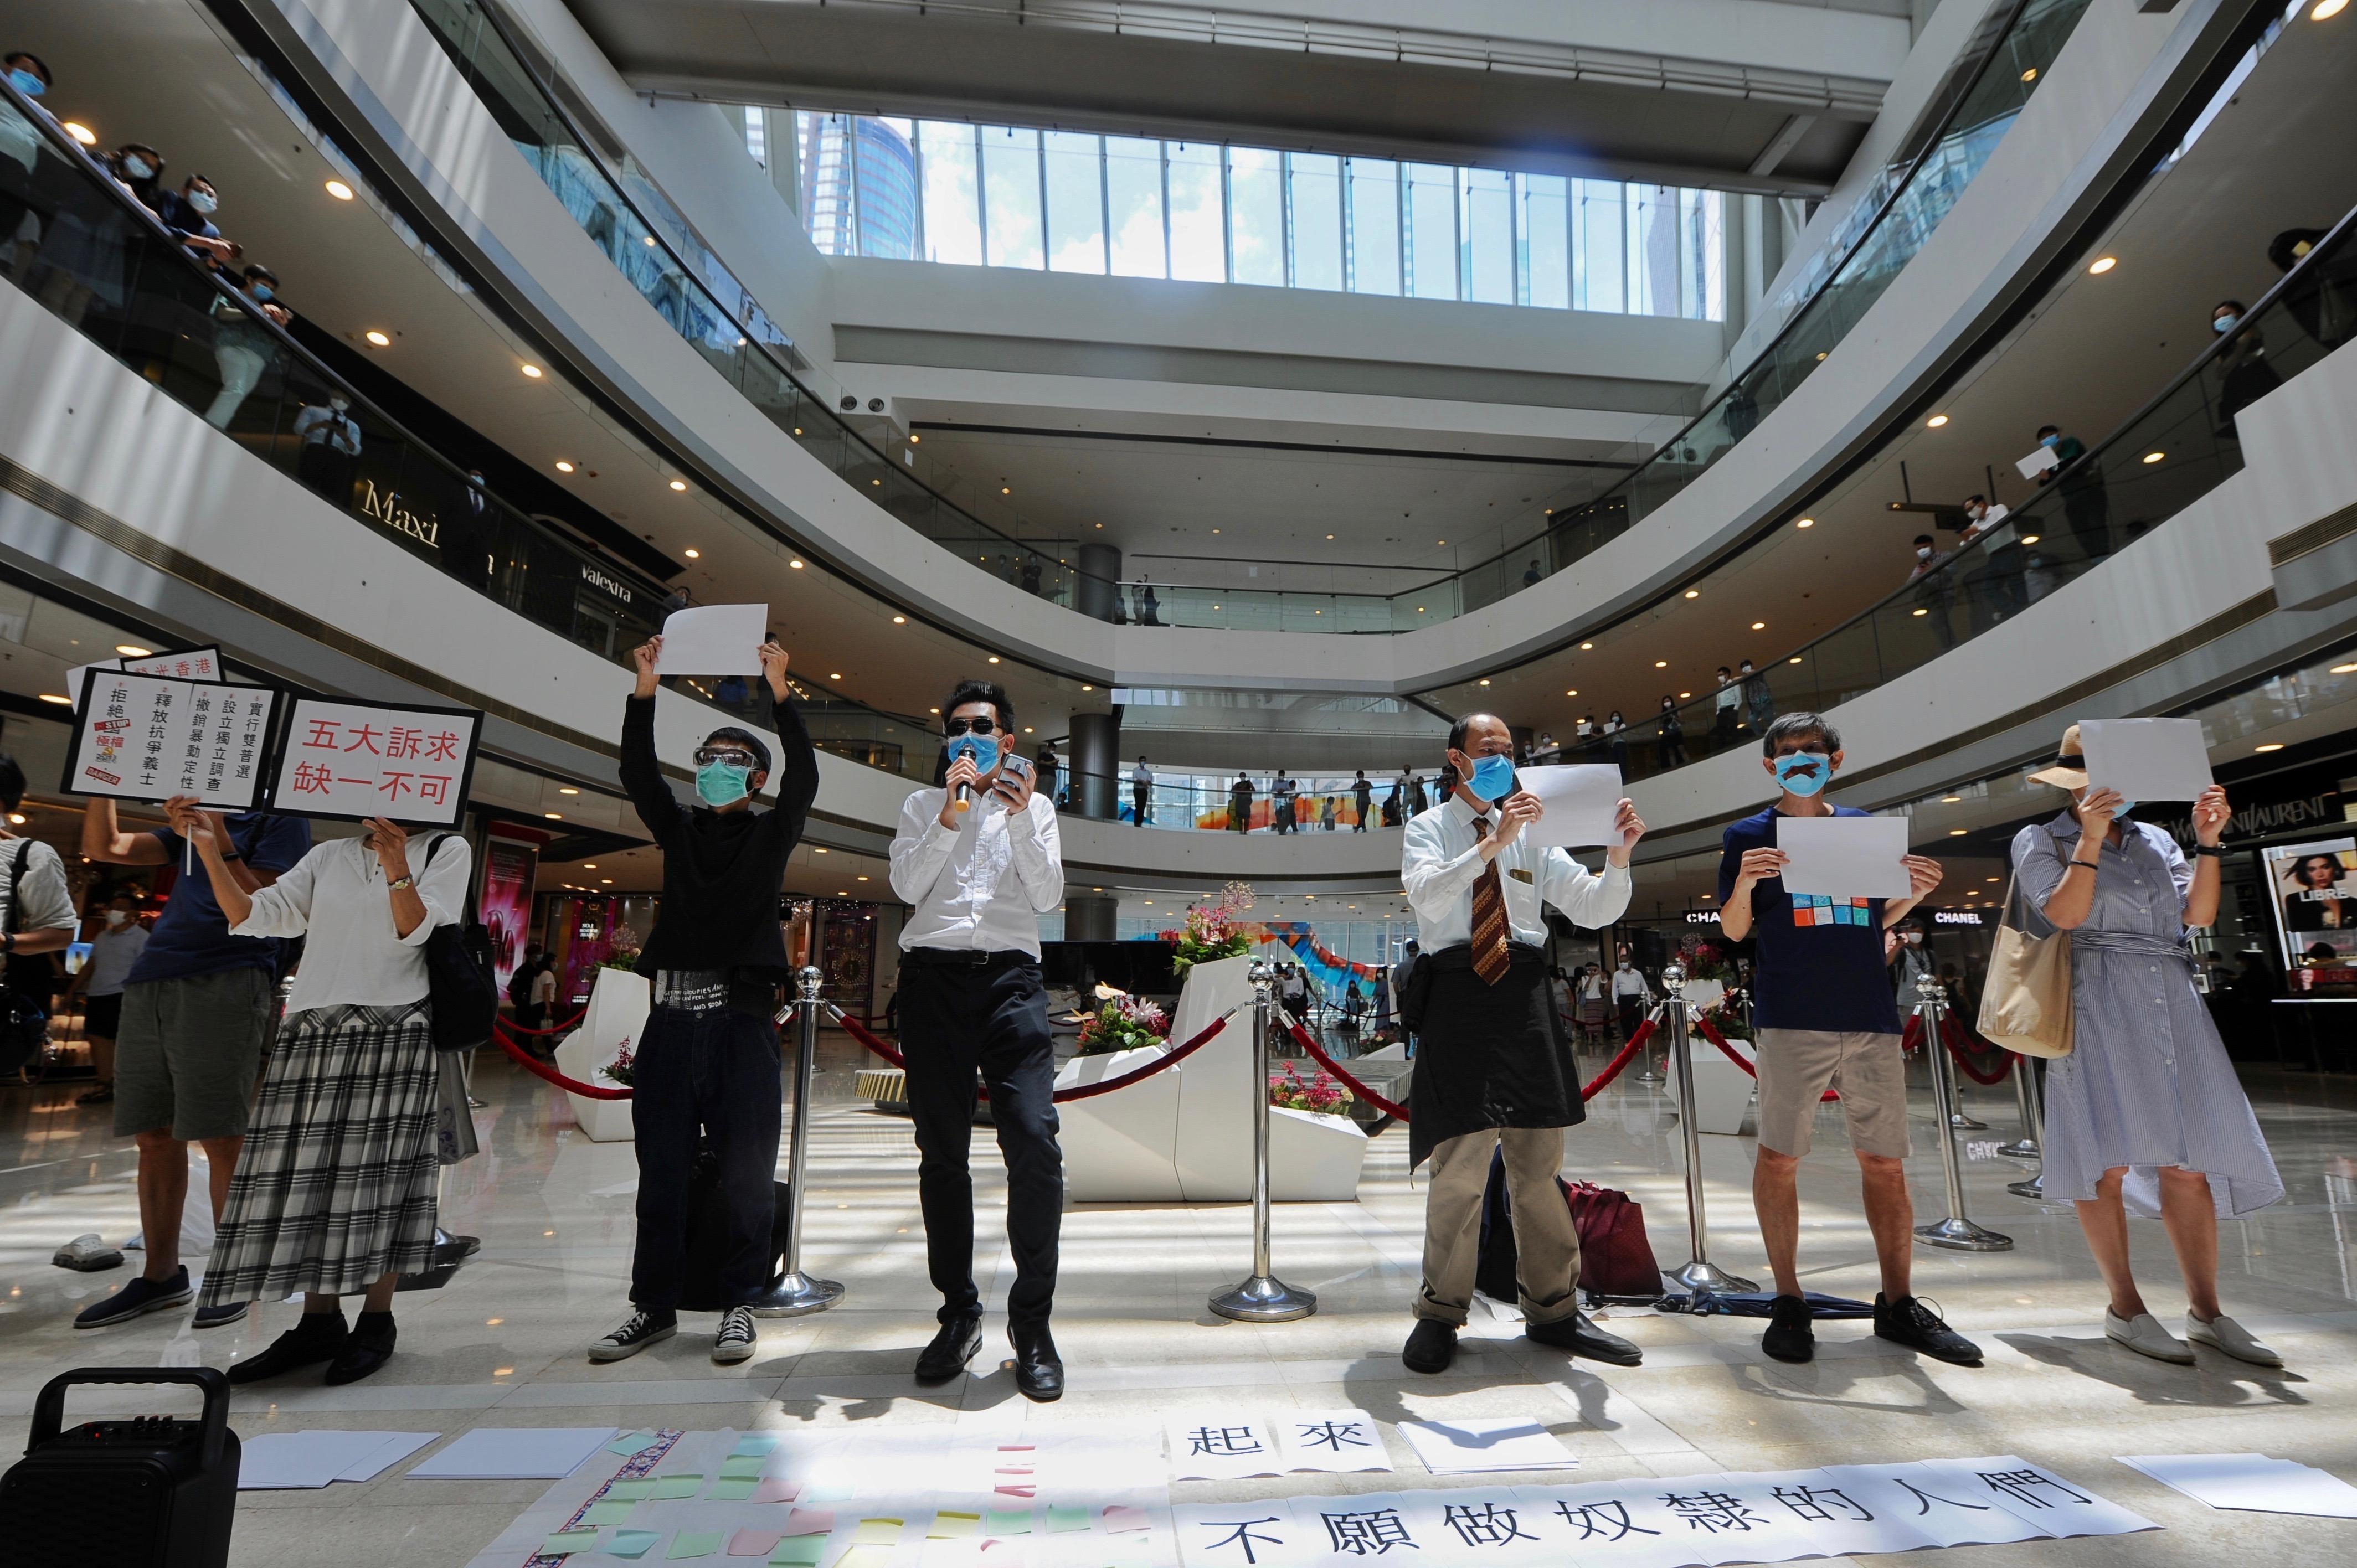 港版國安法管到台灣人 律師曝惡法十細則